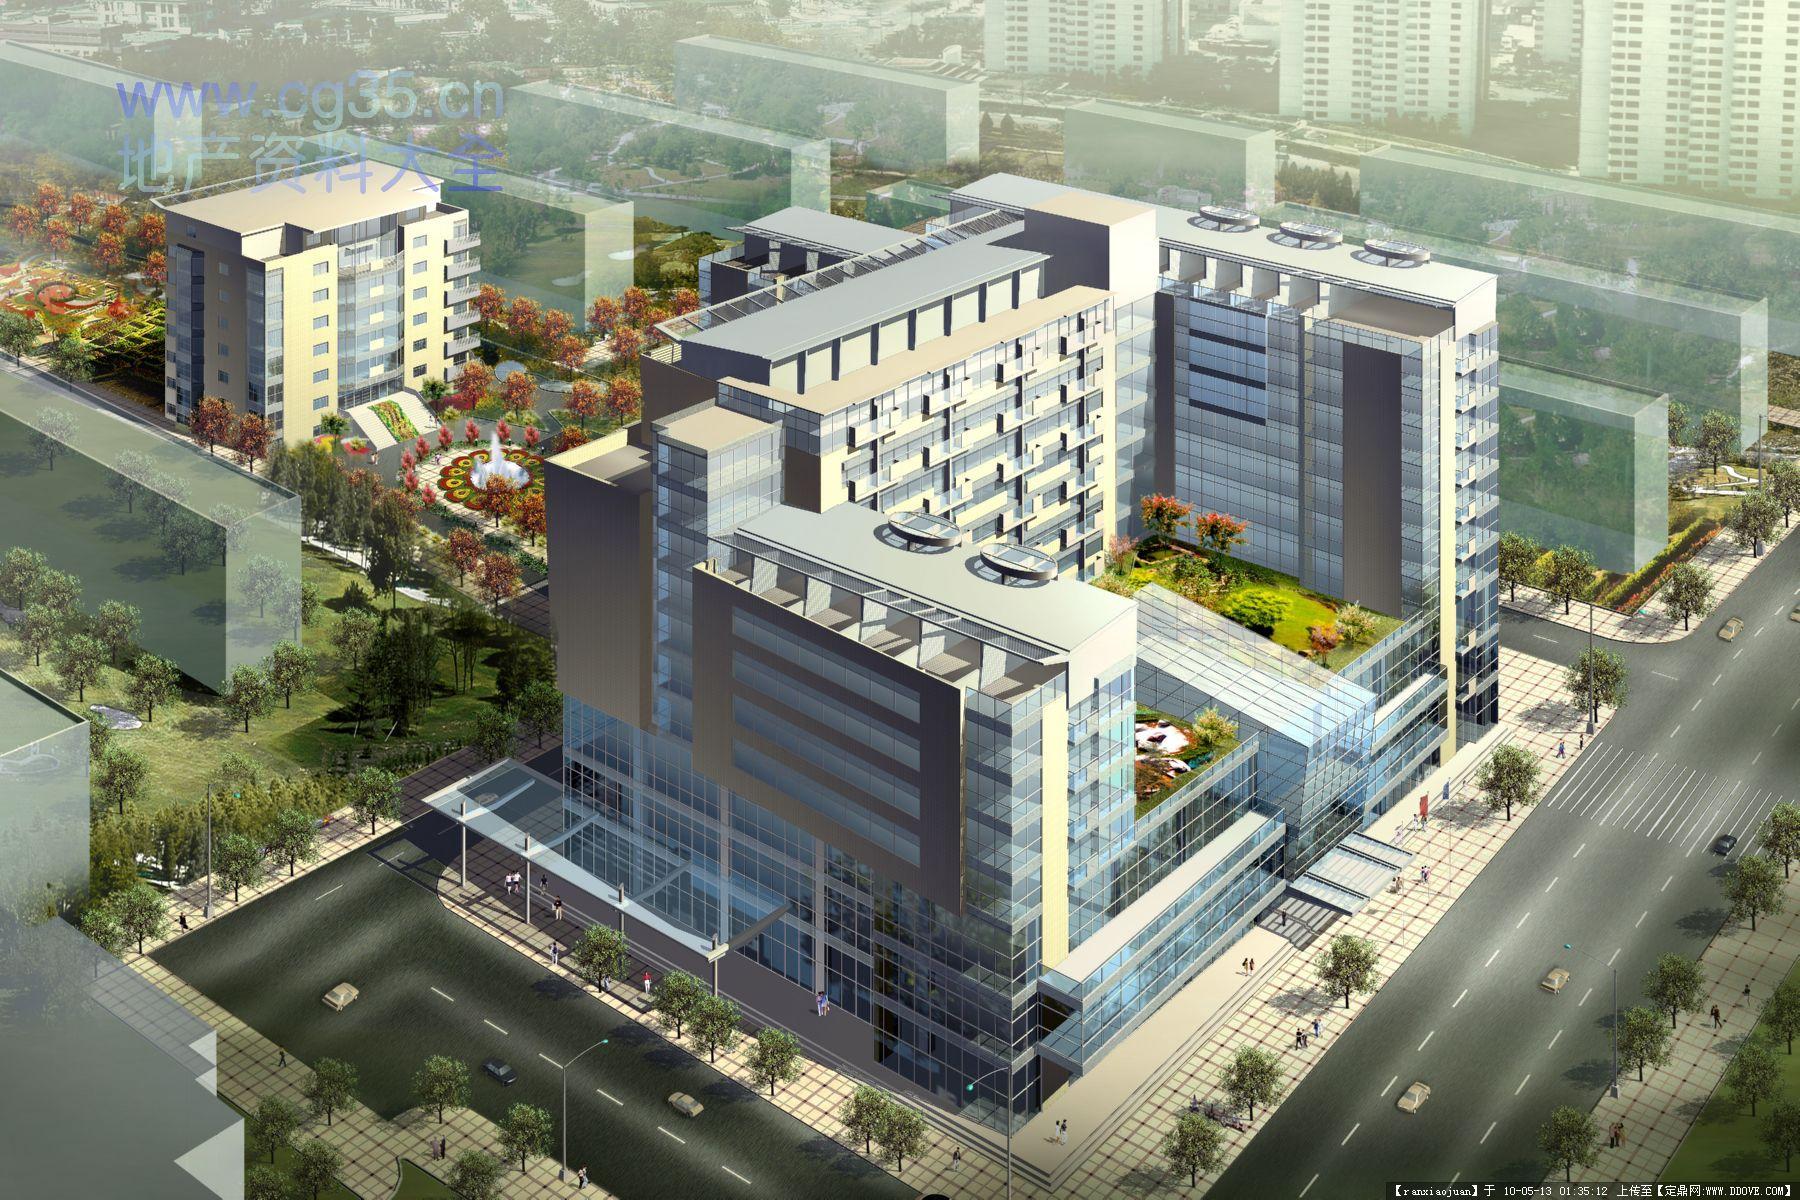 建筑规划设计之经典建筑设计效果图(节选)-三元国际公寓.